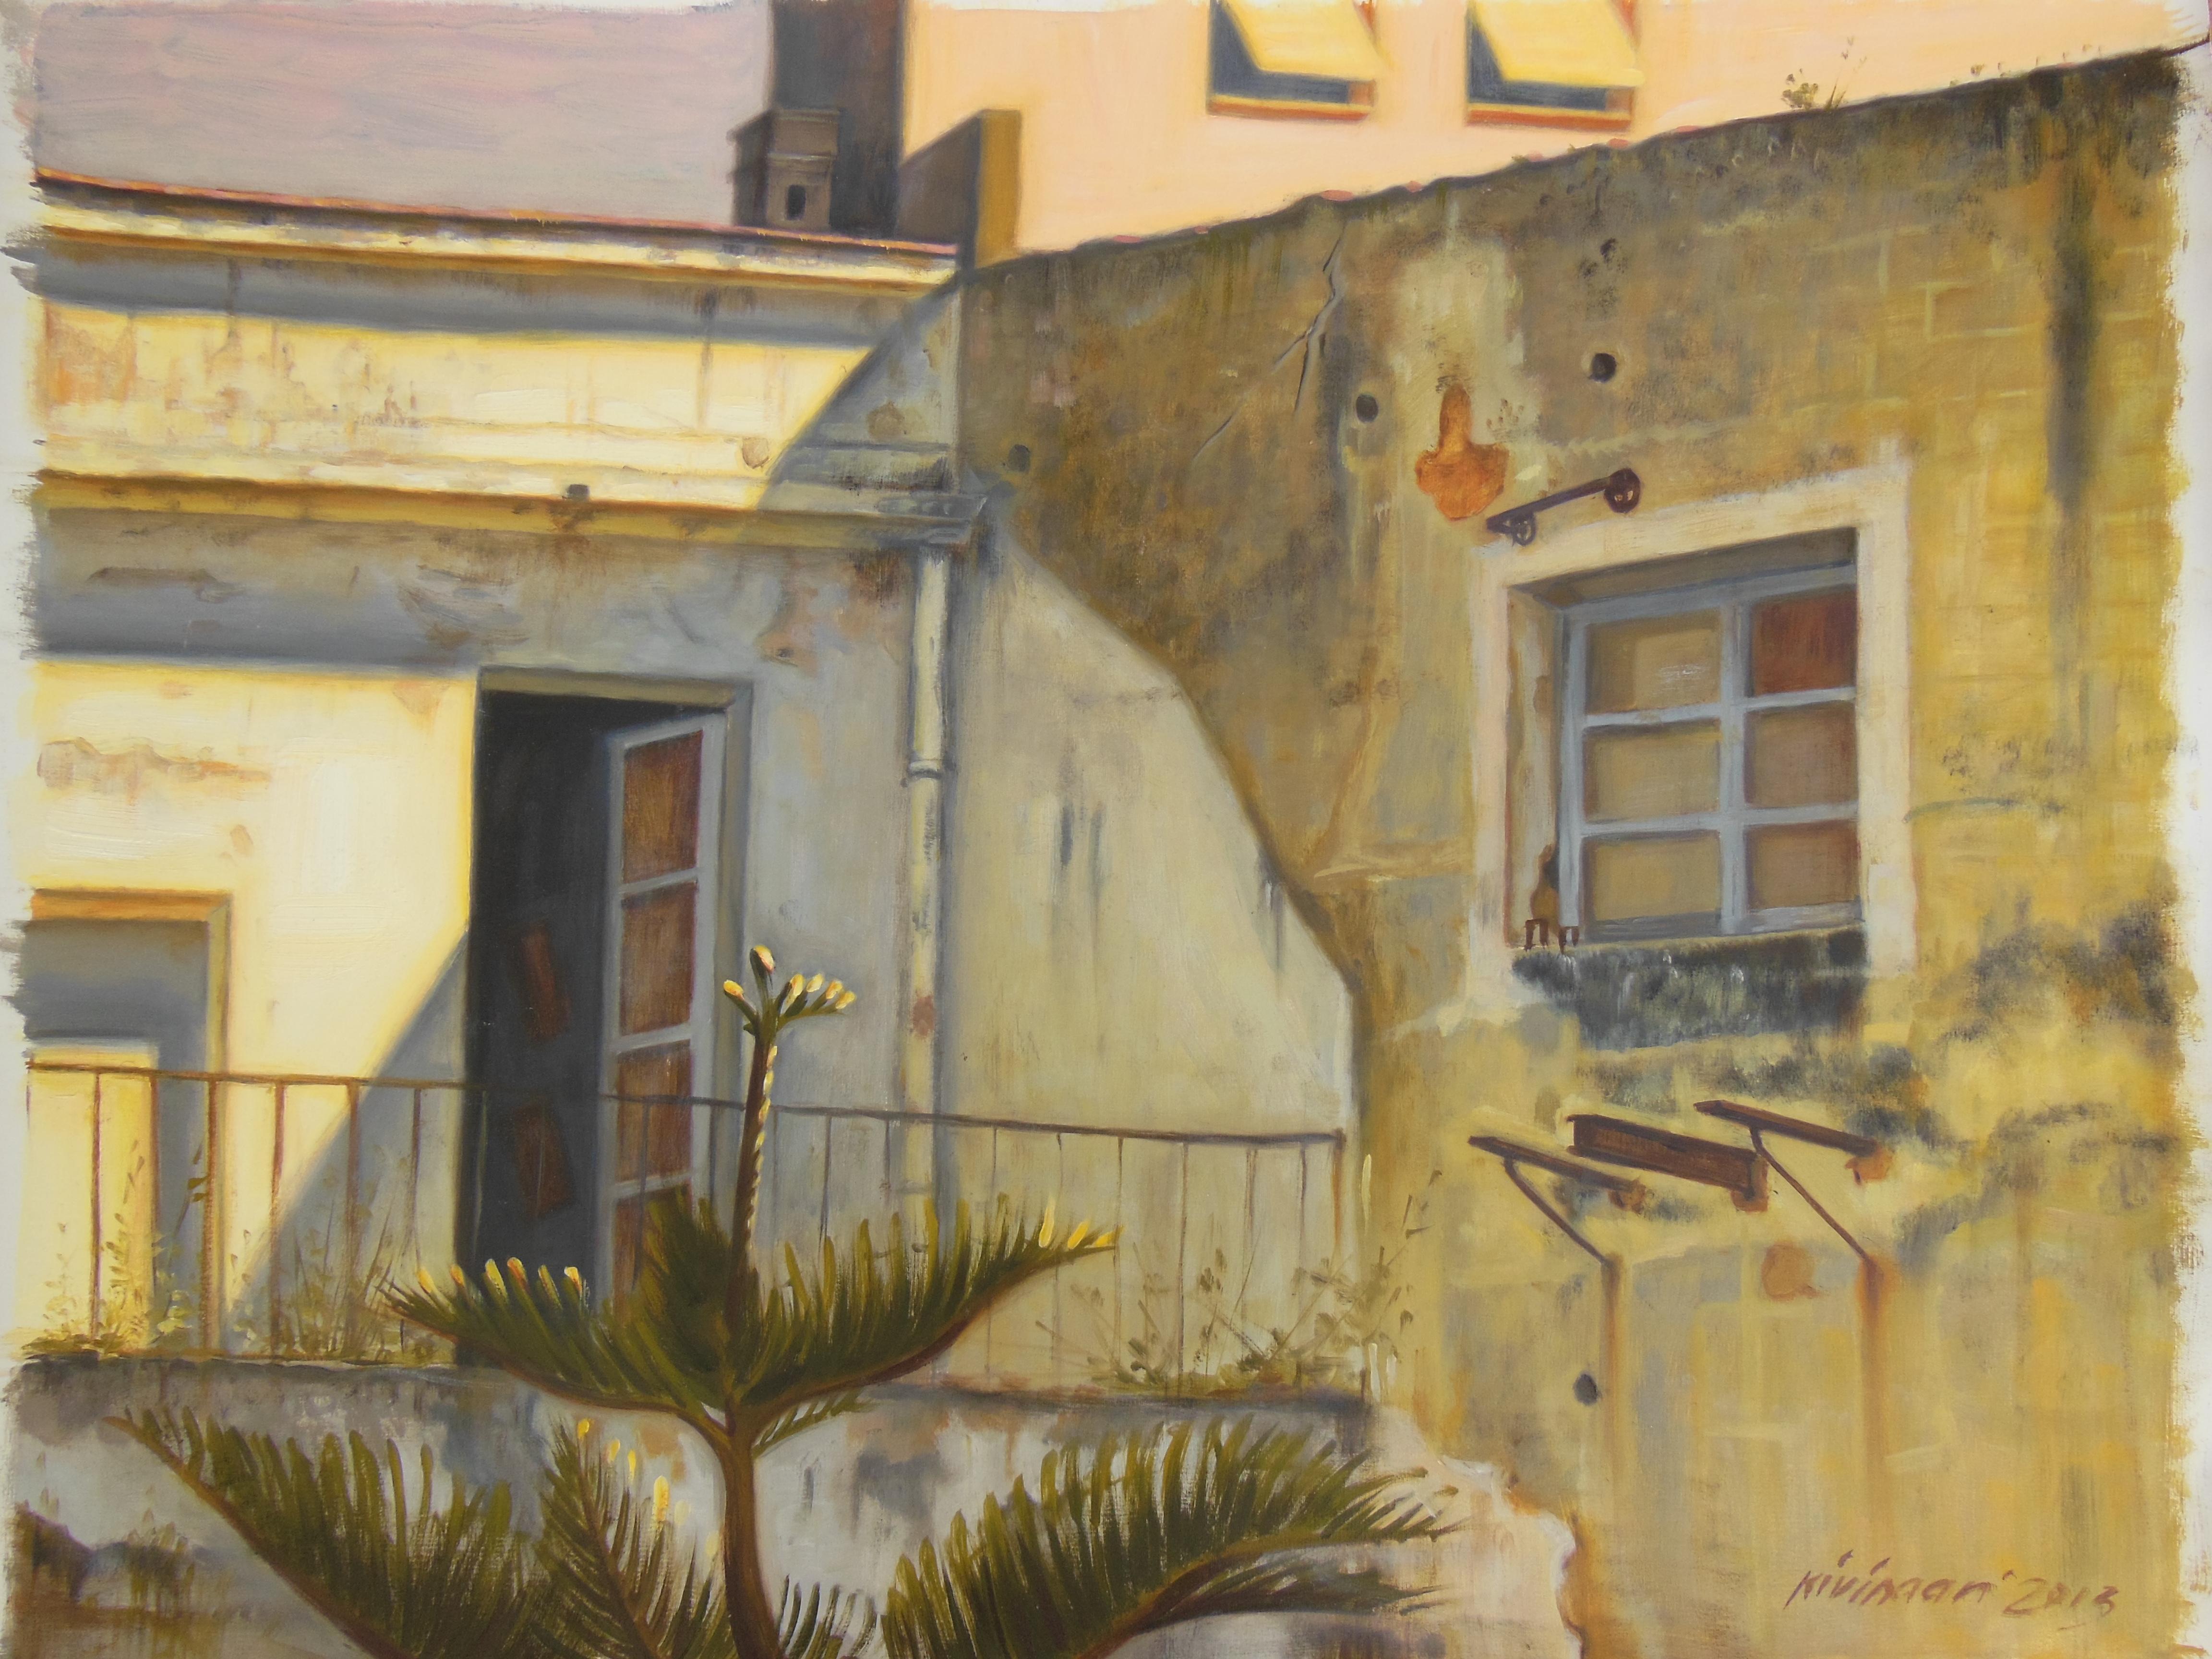 Kellertävä rauniotalo, avoin ovi, kaide, ikkuna. Etualalla palmu.